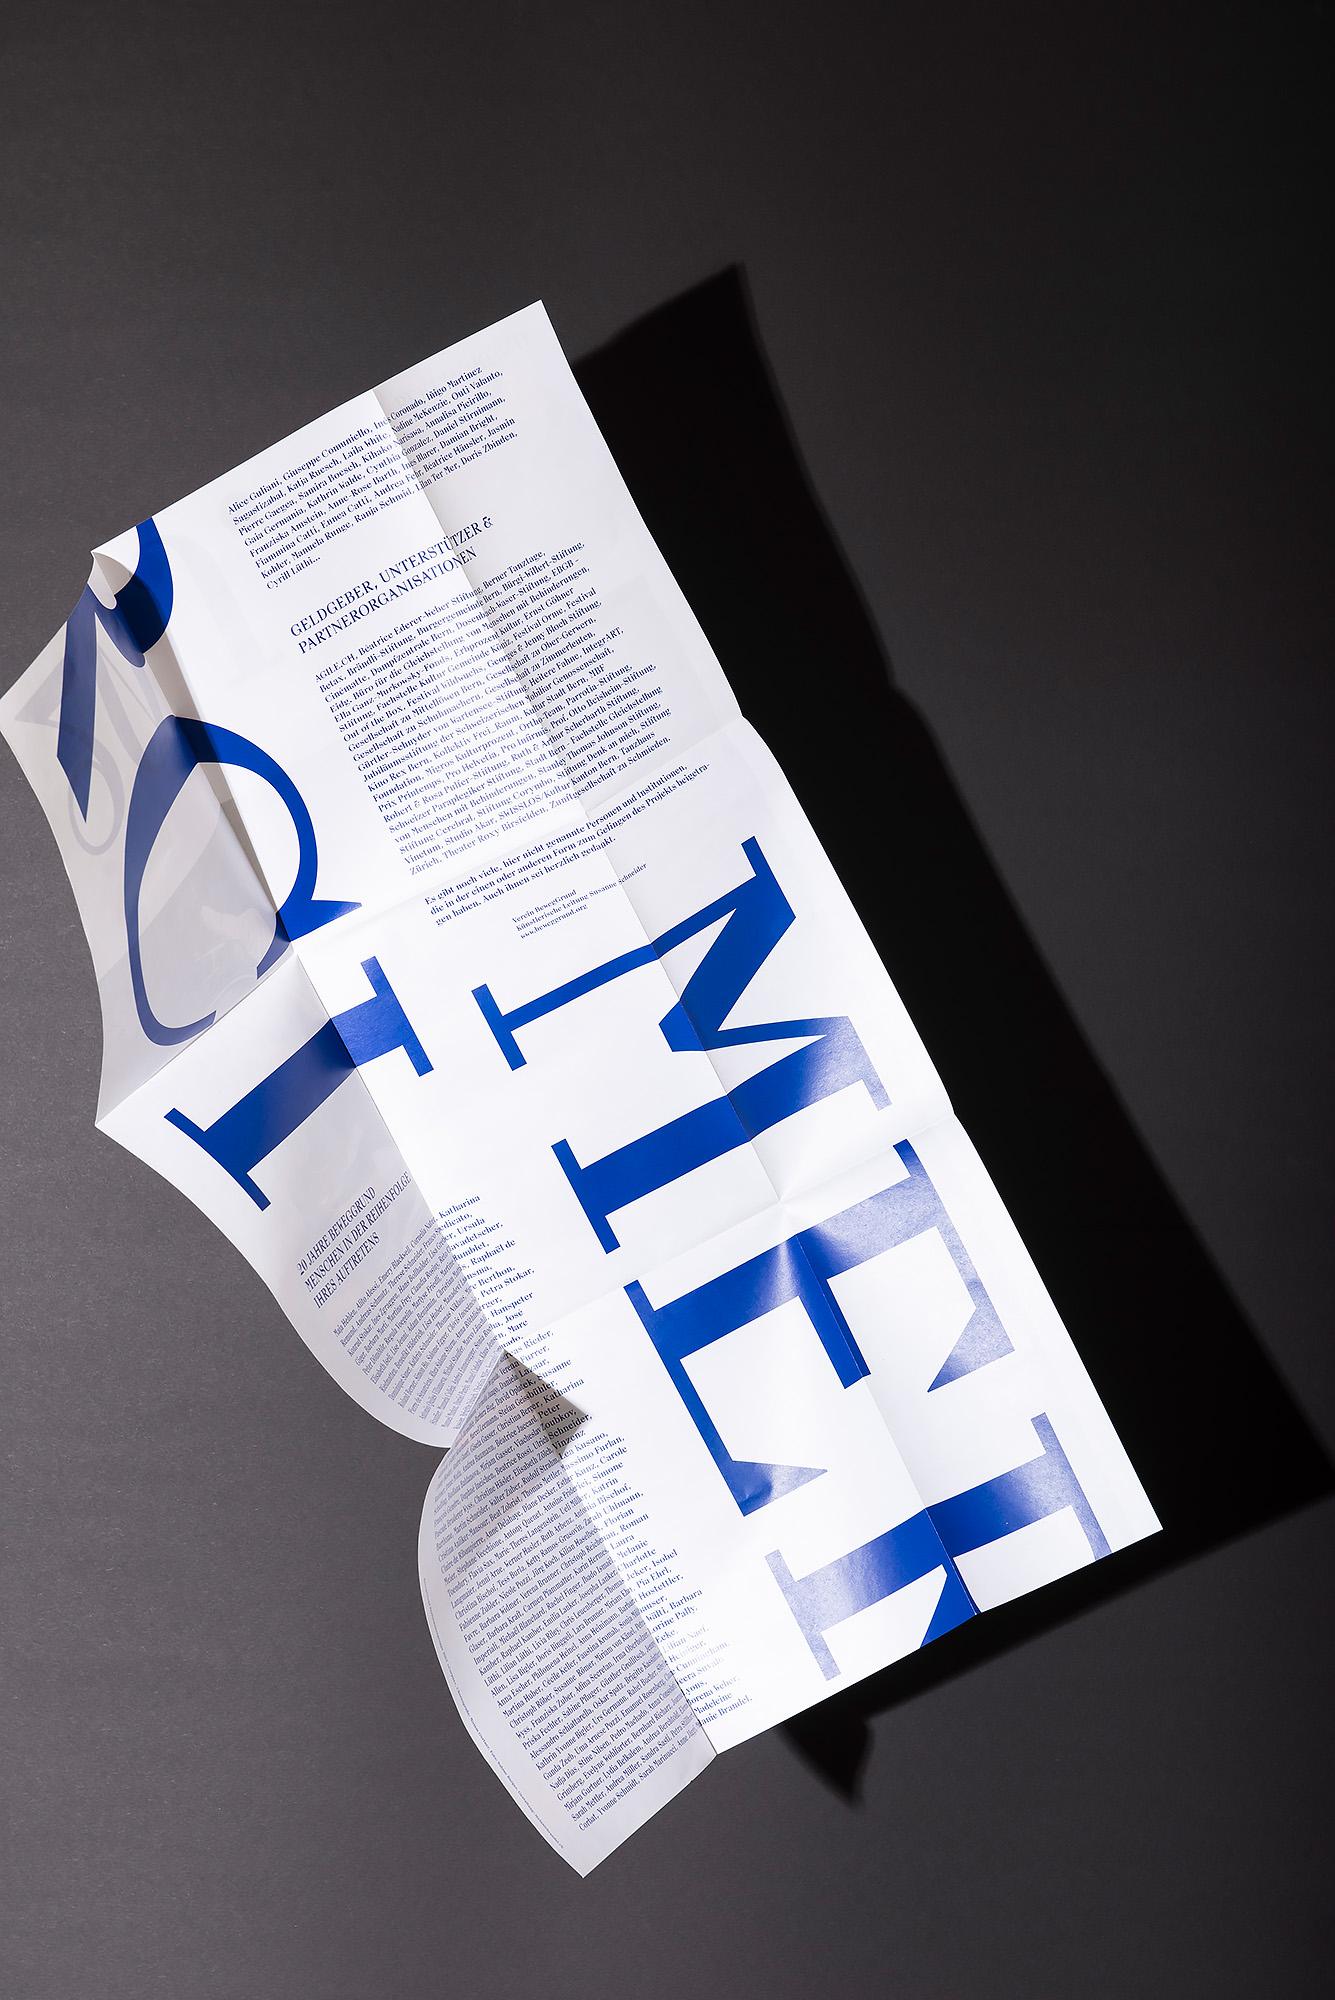 Melanie Brandel, Grafik, Bern, Solothurn, Beweggrund, Tanz, Plakatgestaltung, Flyergestaltung, Jubiläum 20 Jahre Beweggrund